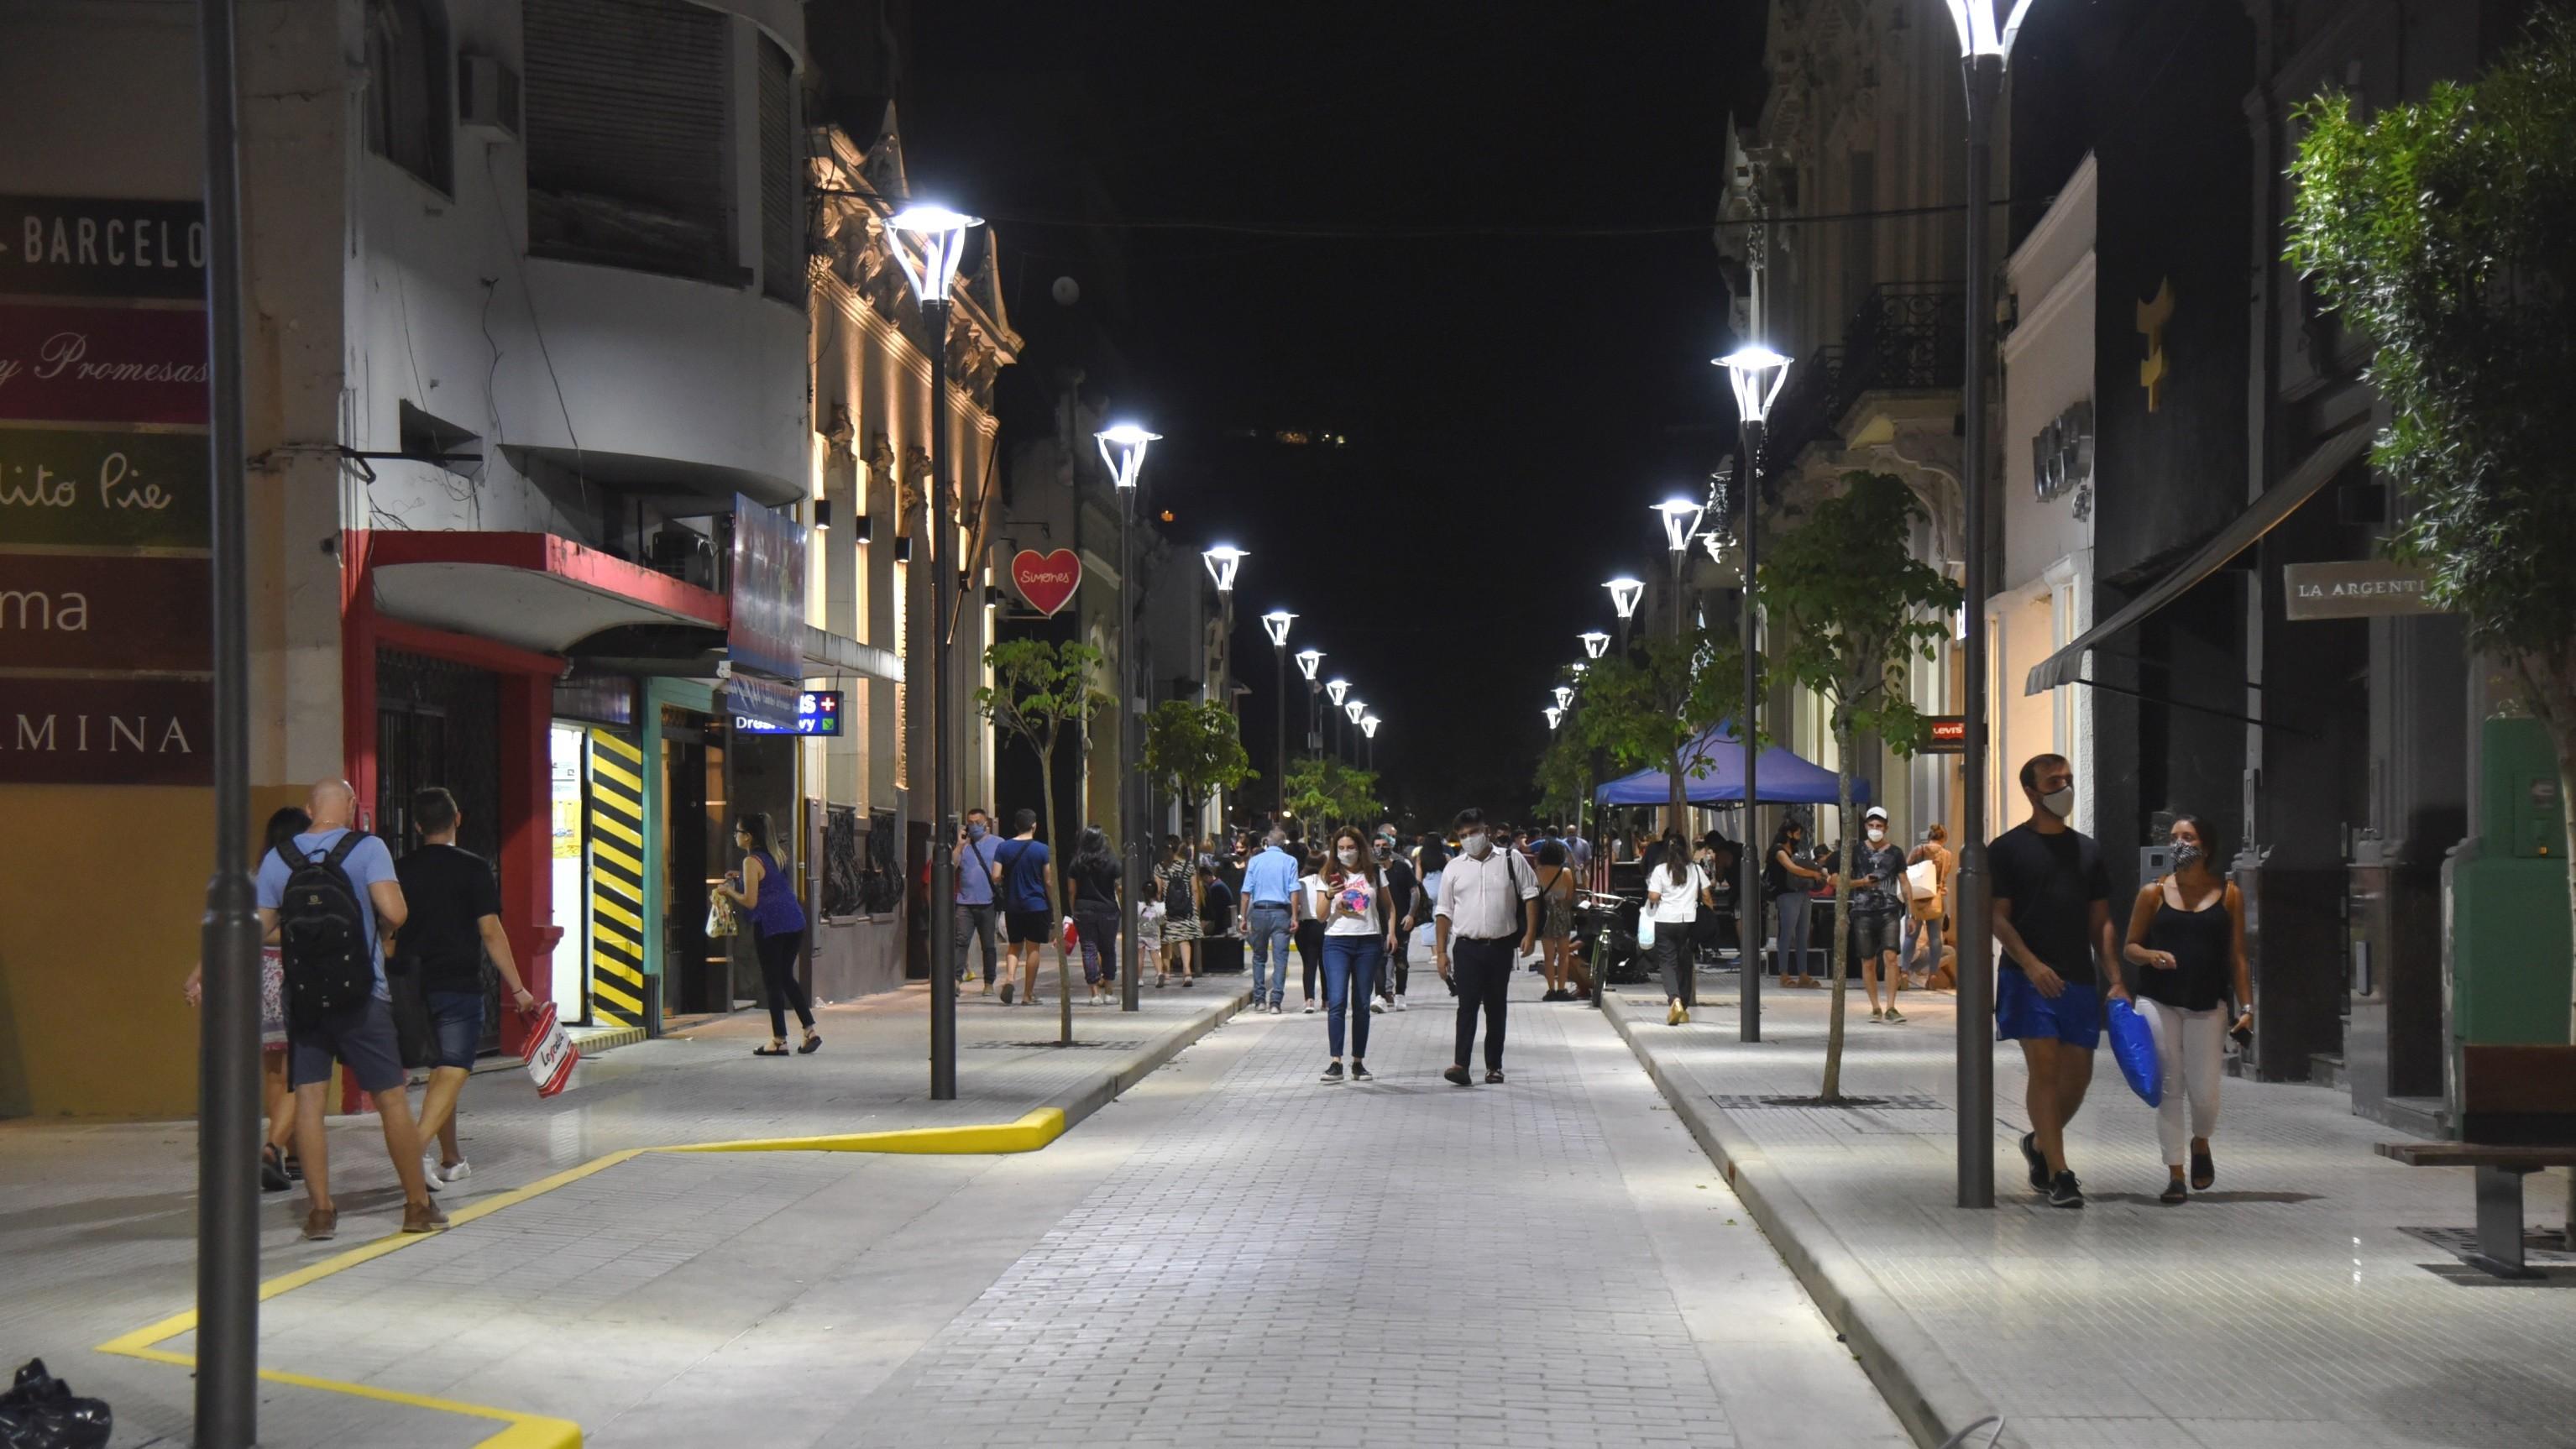 Alfaro inauguró la semipeatonal de la 25 de Mayo en el microcentro tucumano  - Tucumán - el tucumano